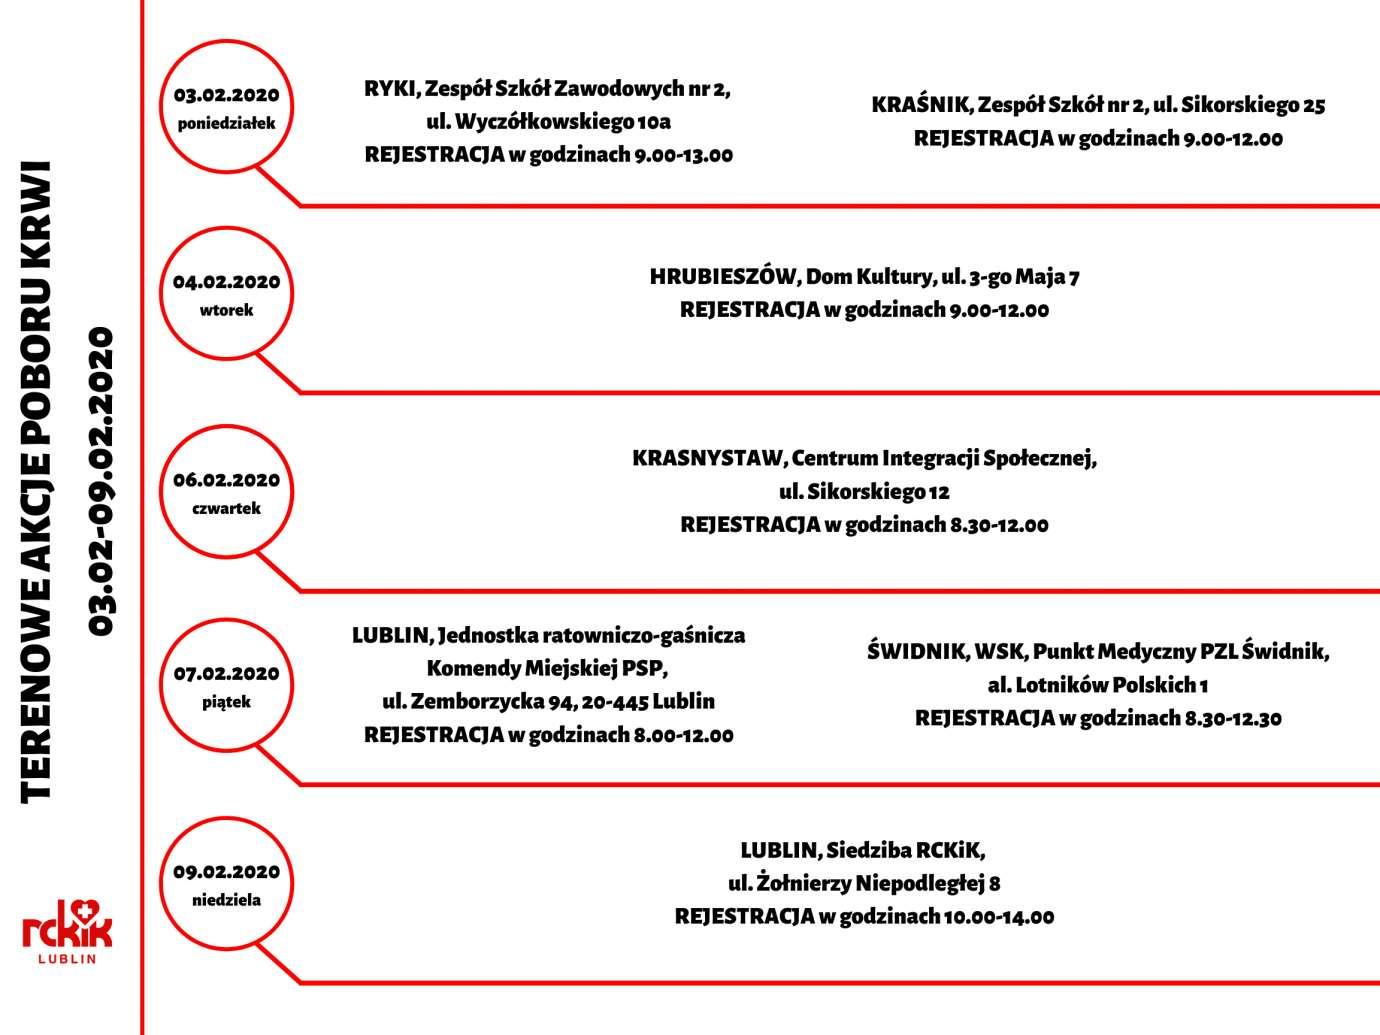 terenowe akcje 03 09 02 20 Podziel się życiodajnym płynem. Terenowe akcje poboru krwi w naszym regionie